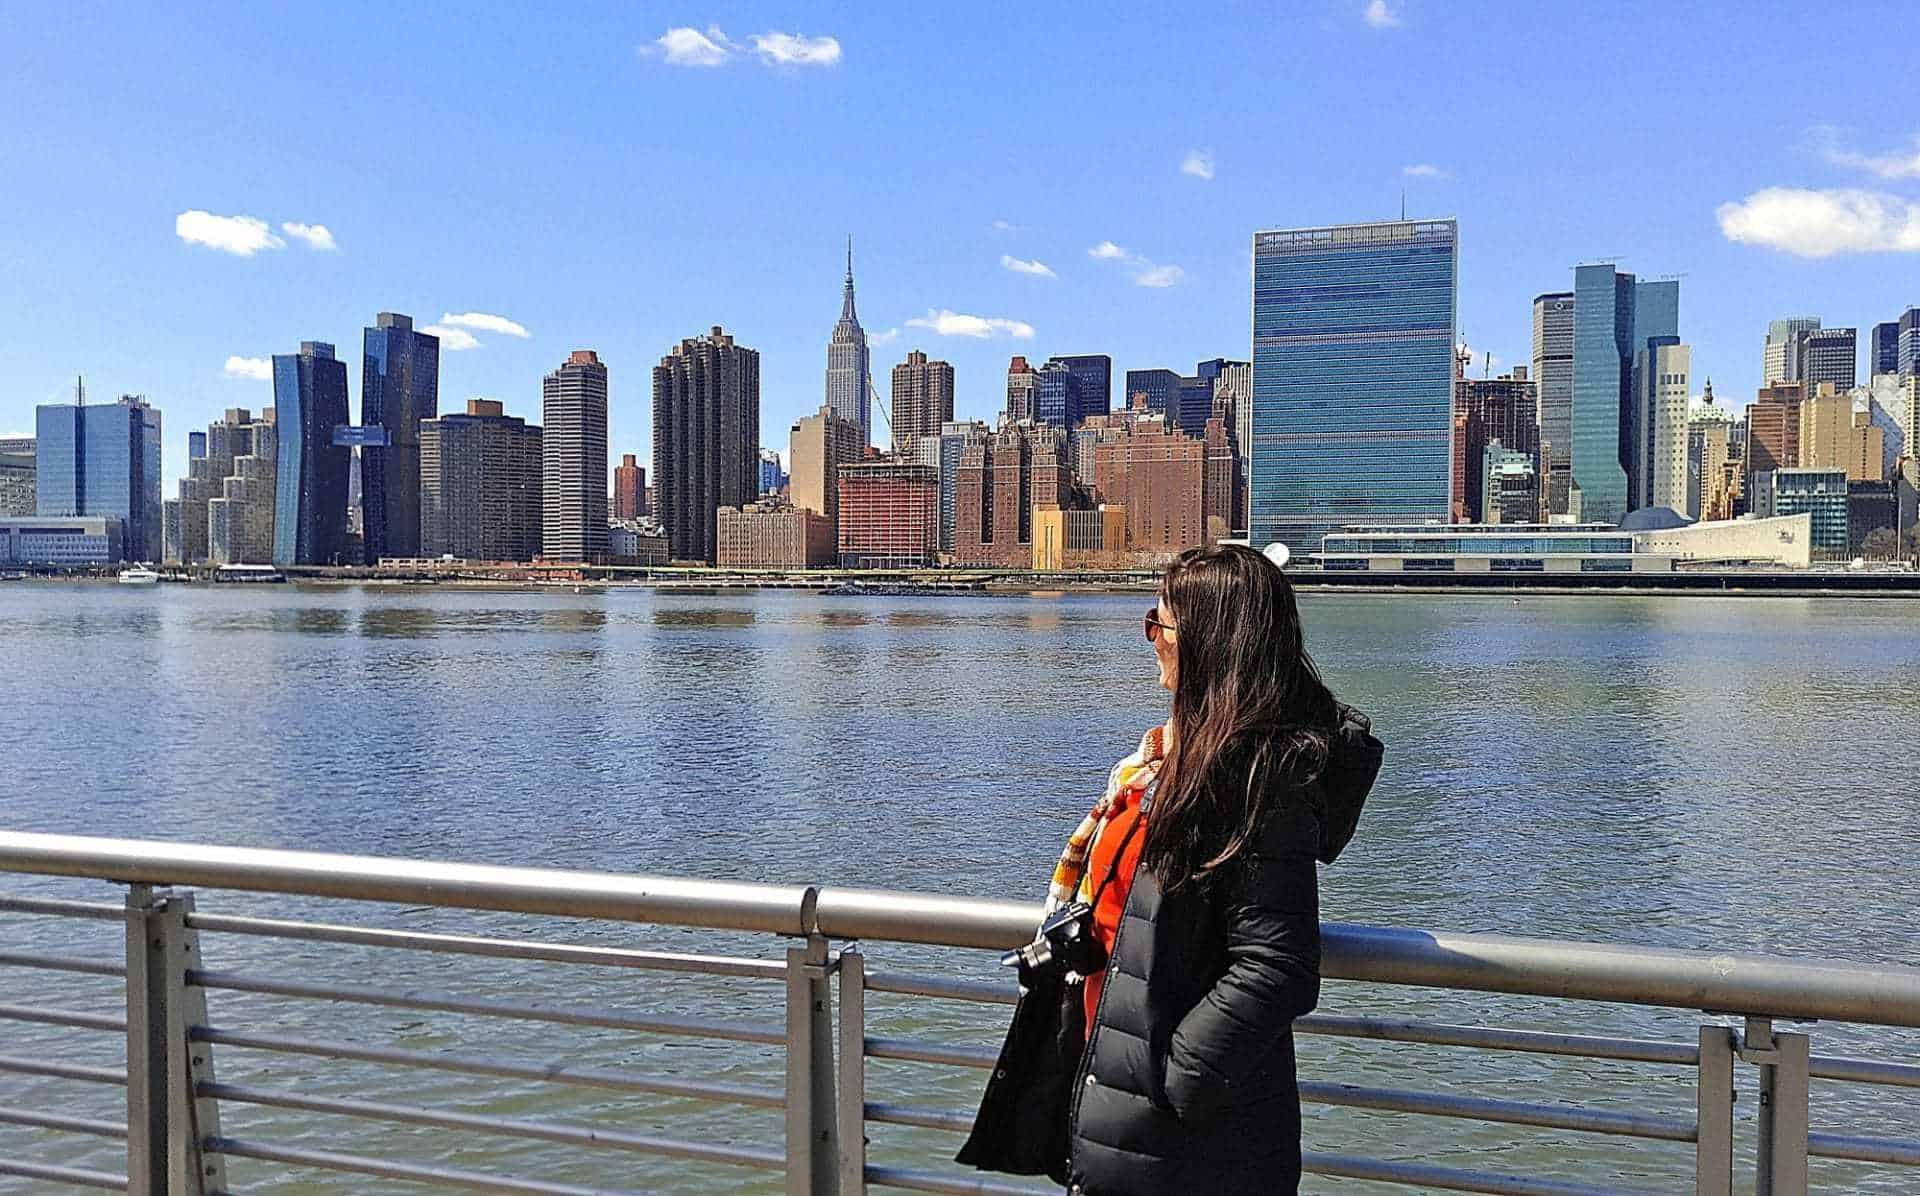 Metti una passeggiata a Long Island City, la New York che non ti aspetti